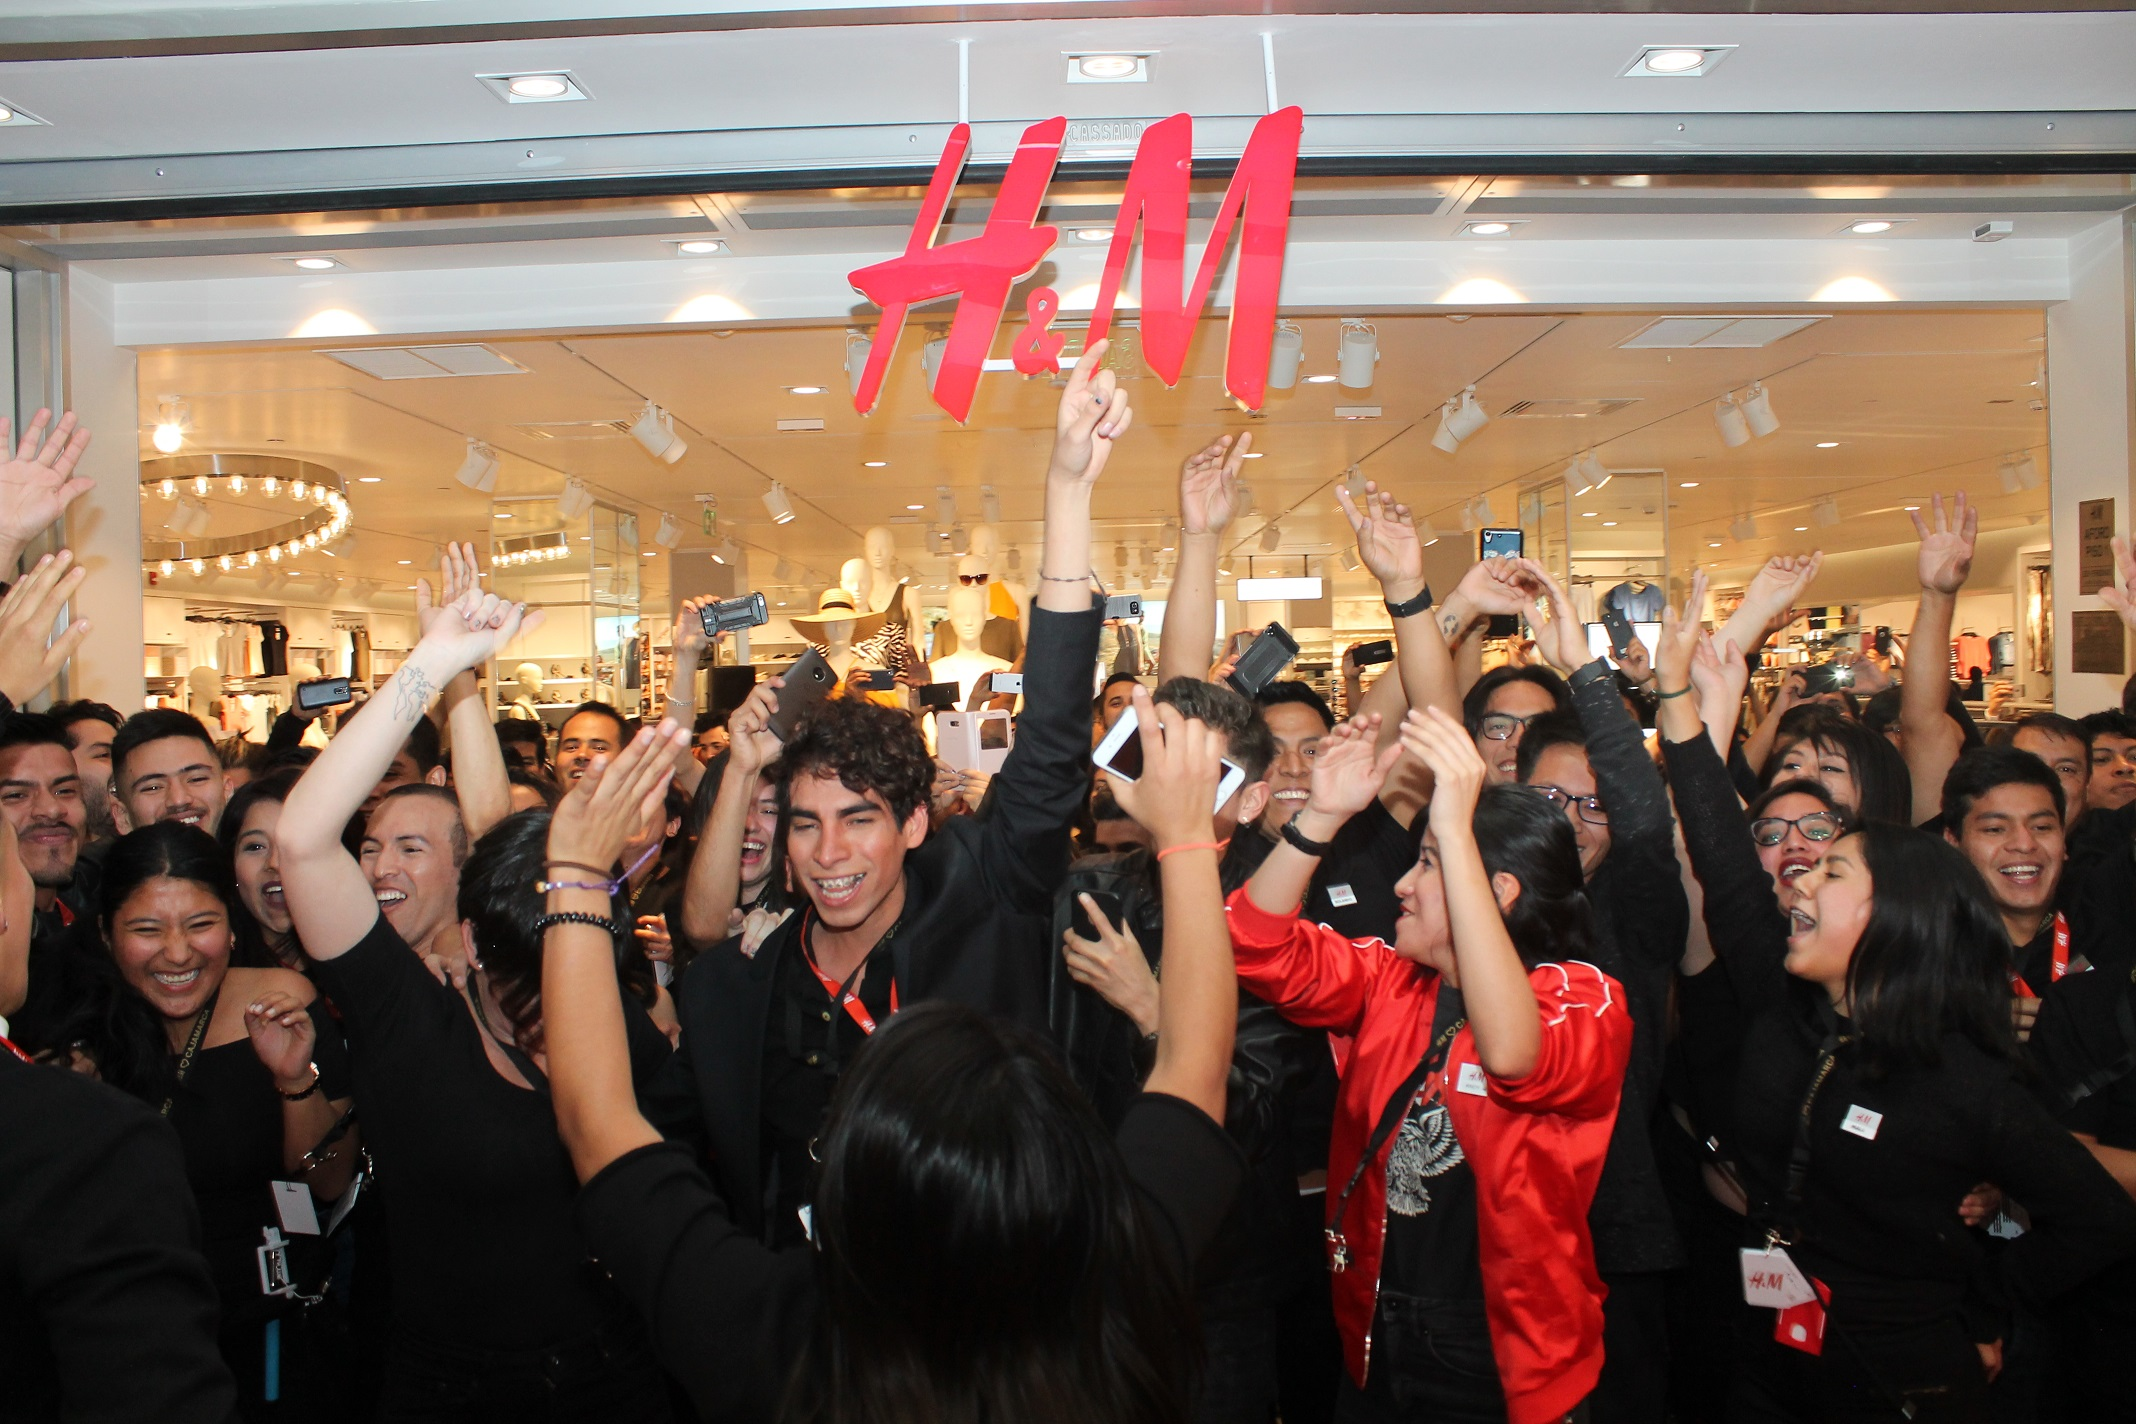 hm cajamarca peru 1 1 - H&M abrirá segunda tienda en Arequipa